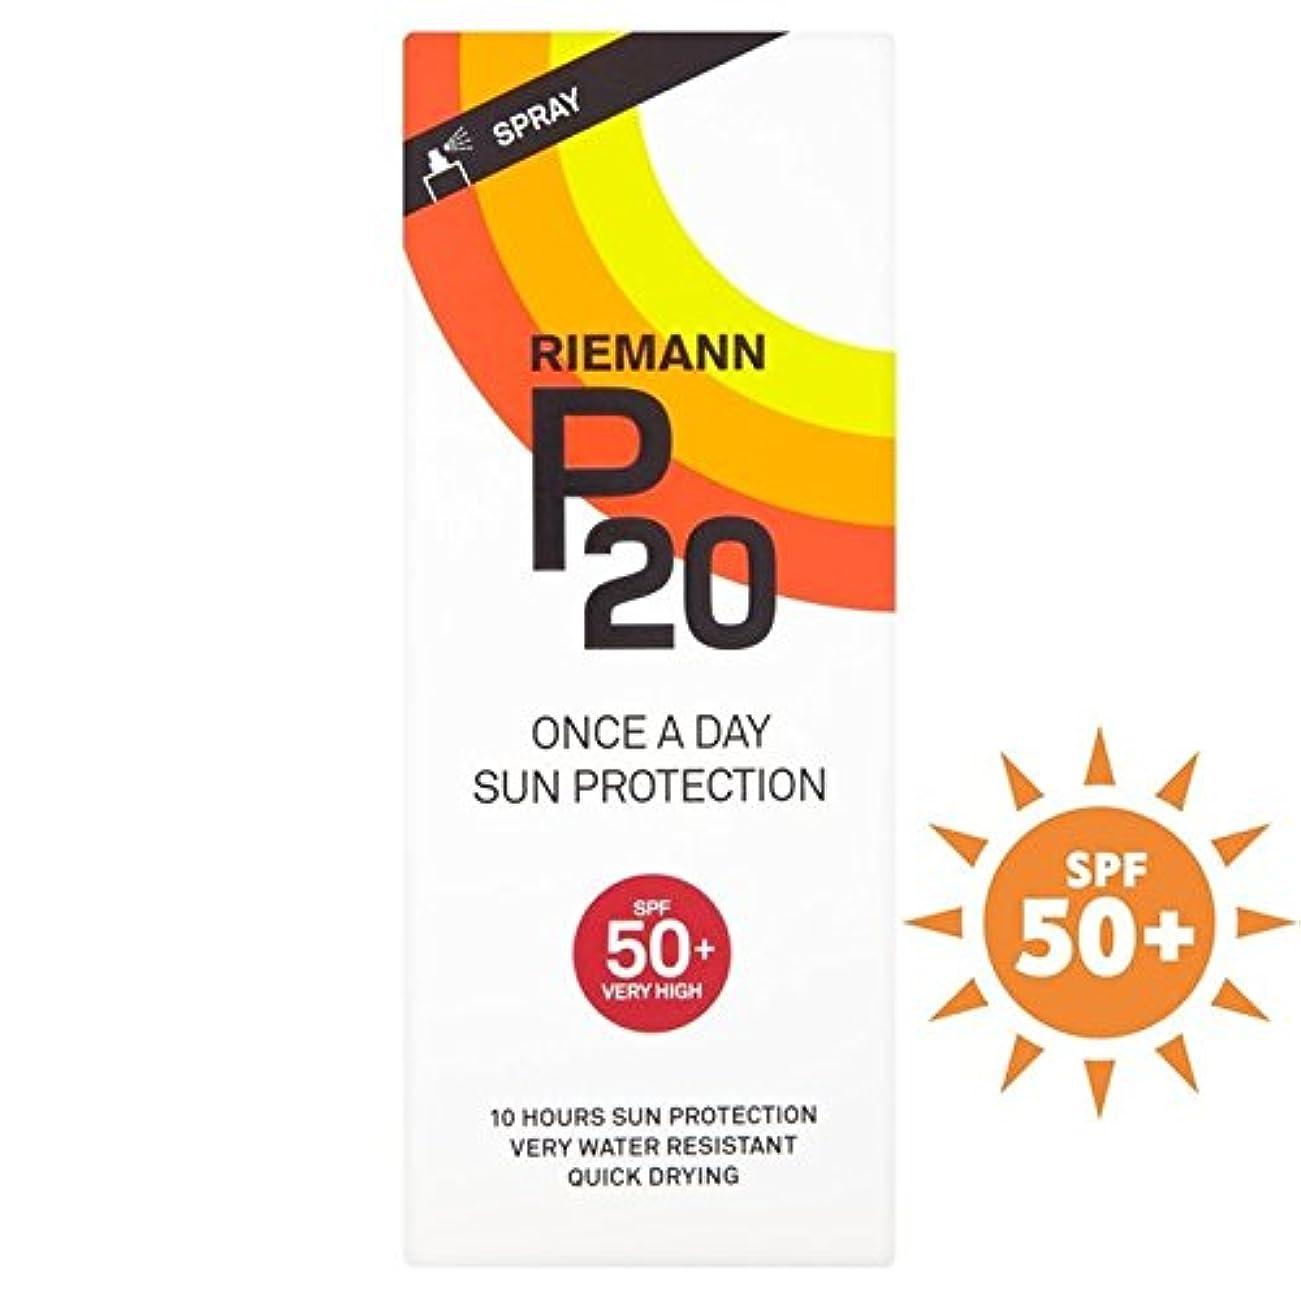 遷移好むソーセージRiemann P20 SPF50+ 1 Day/10 Hour Protection 200ml - リーマン20の50 + 1日/ 10時間の保護200ミリリットル [並行輸入品]